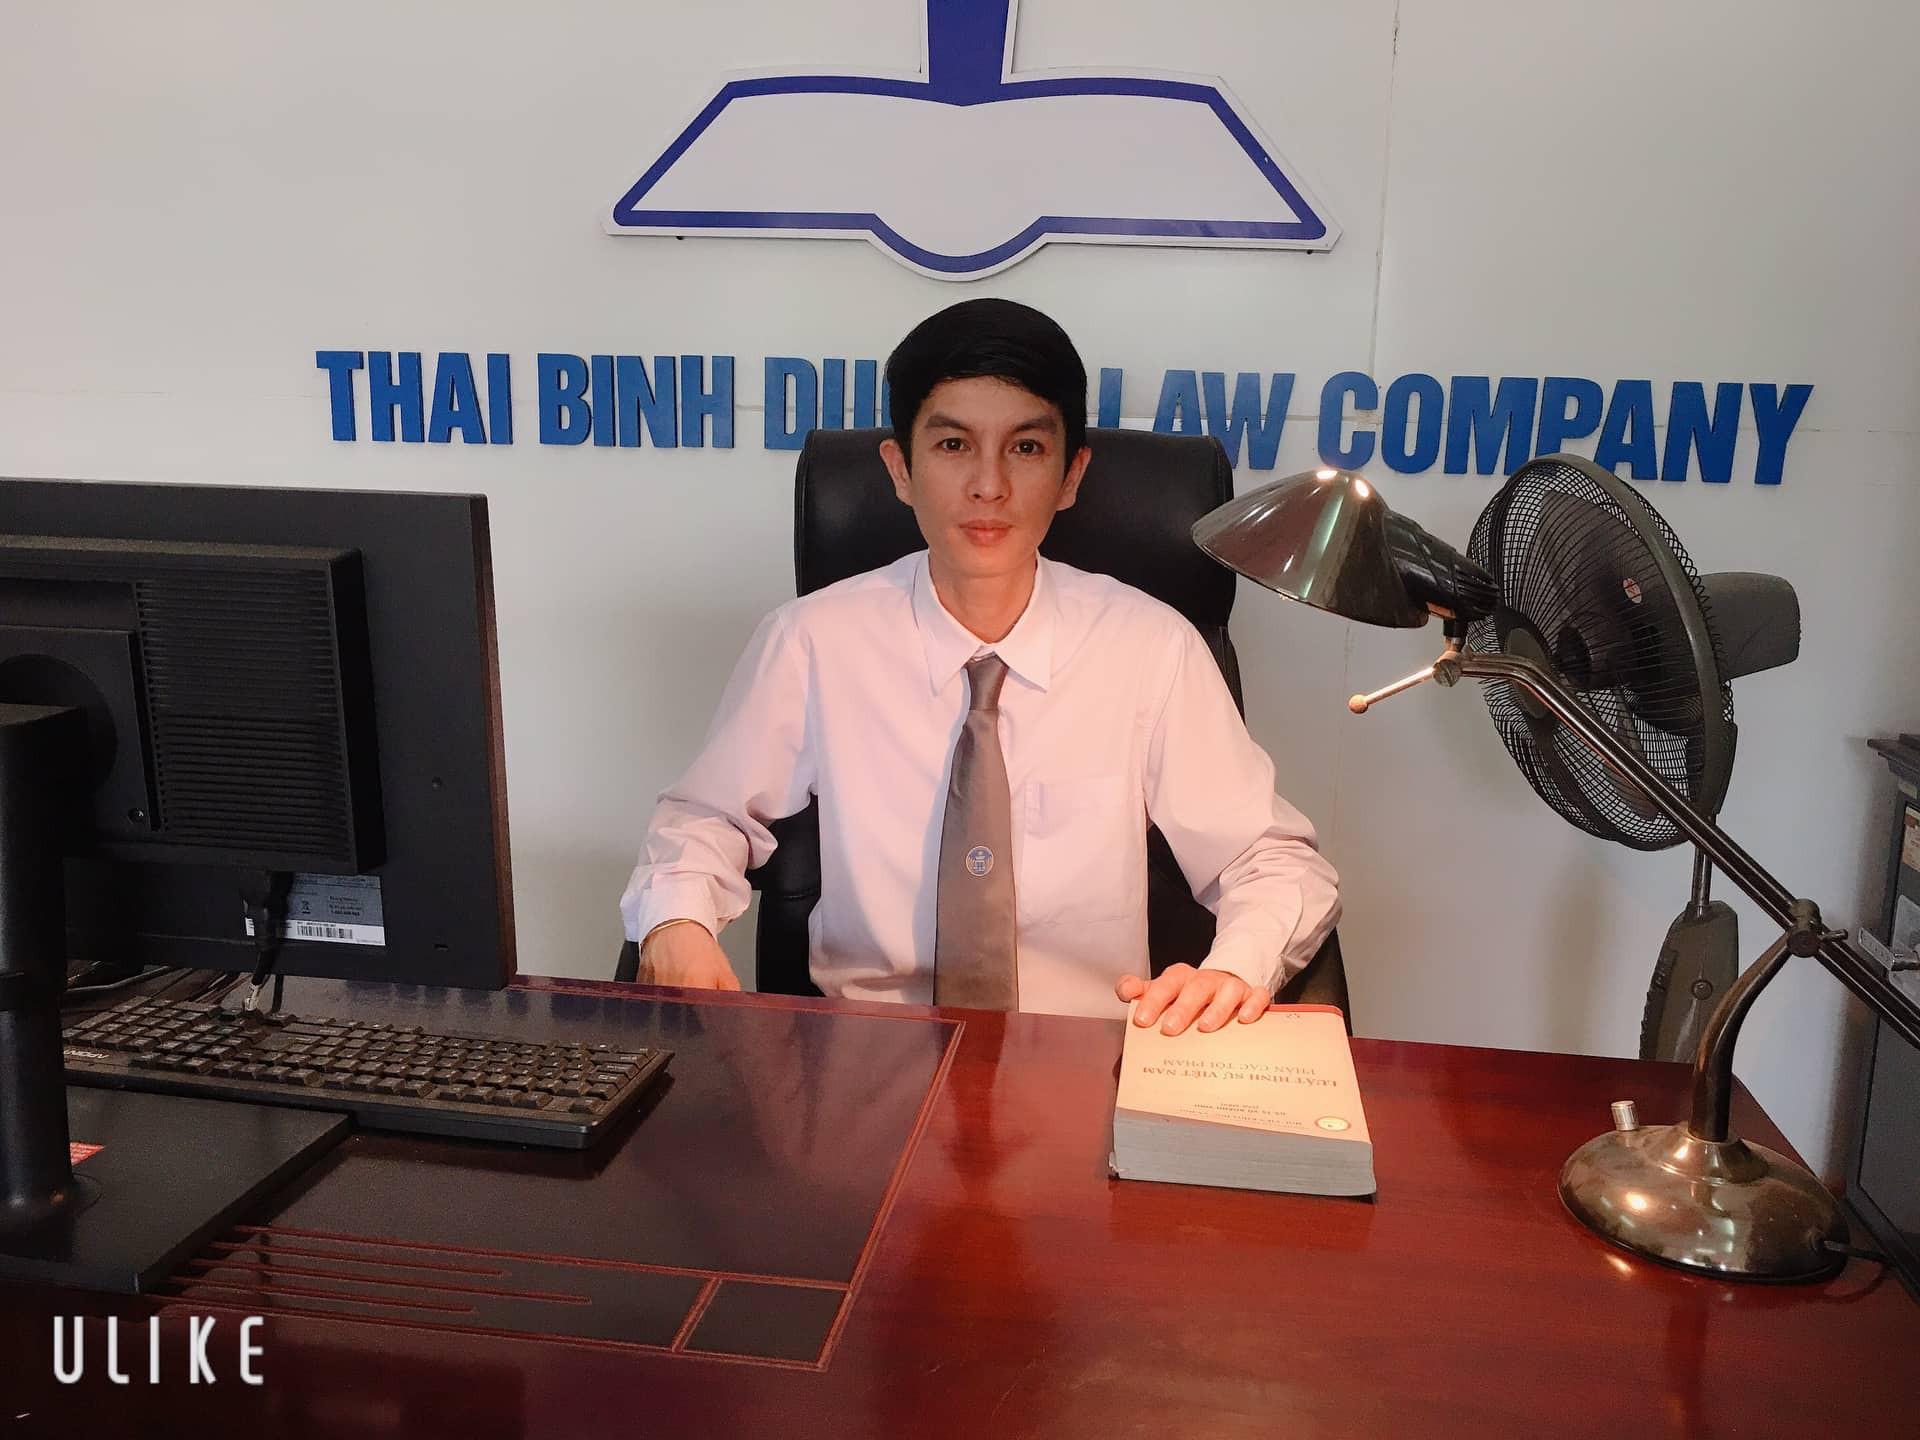 Làm video hướng dẫn chơi ma túy, YouTuber có thể bị phạt tới 5 năm tù - Ảnh 2.